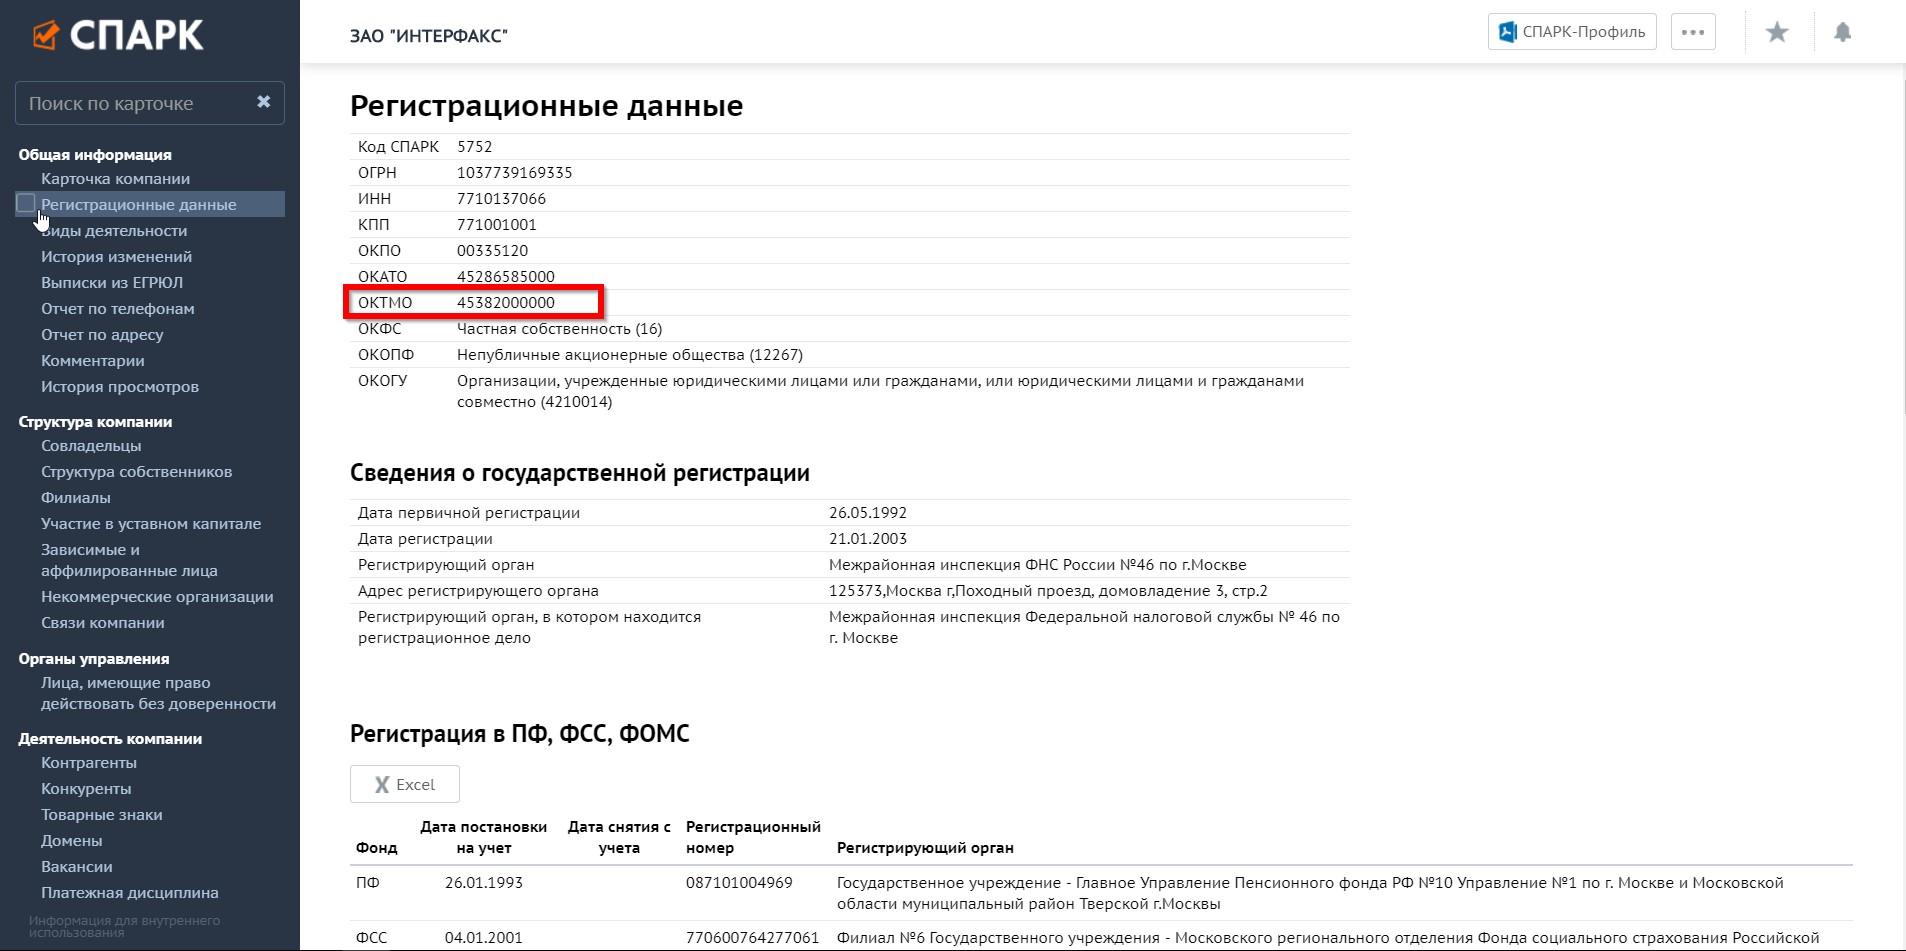 где взять октмо компании купить такси в кредит в москве